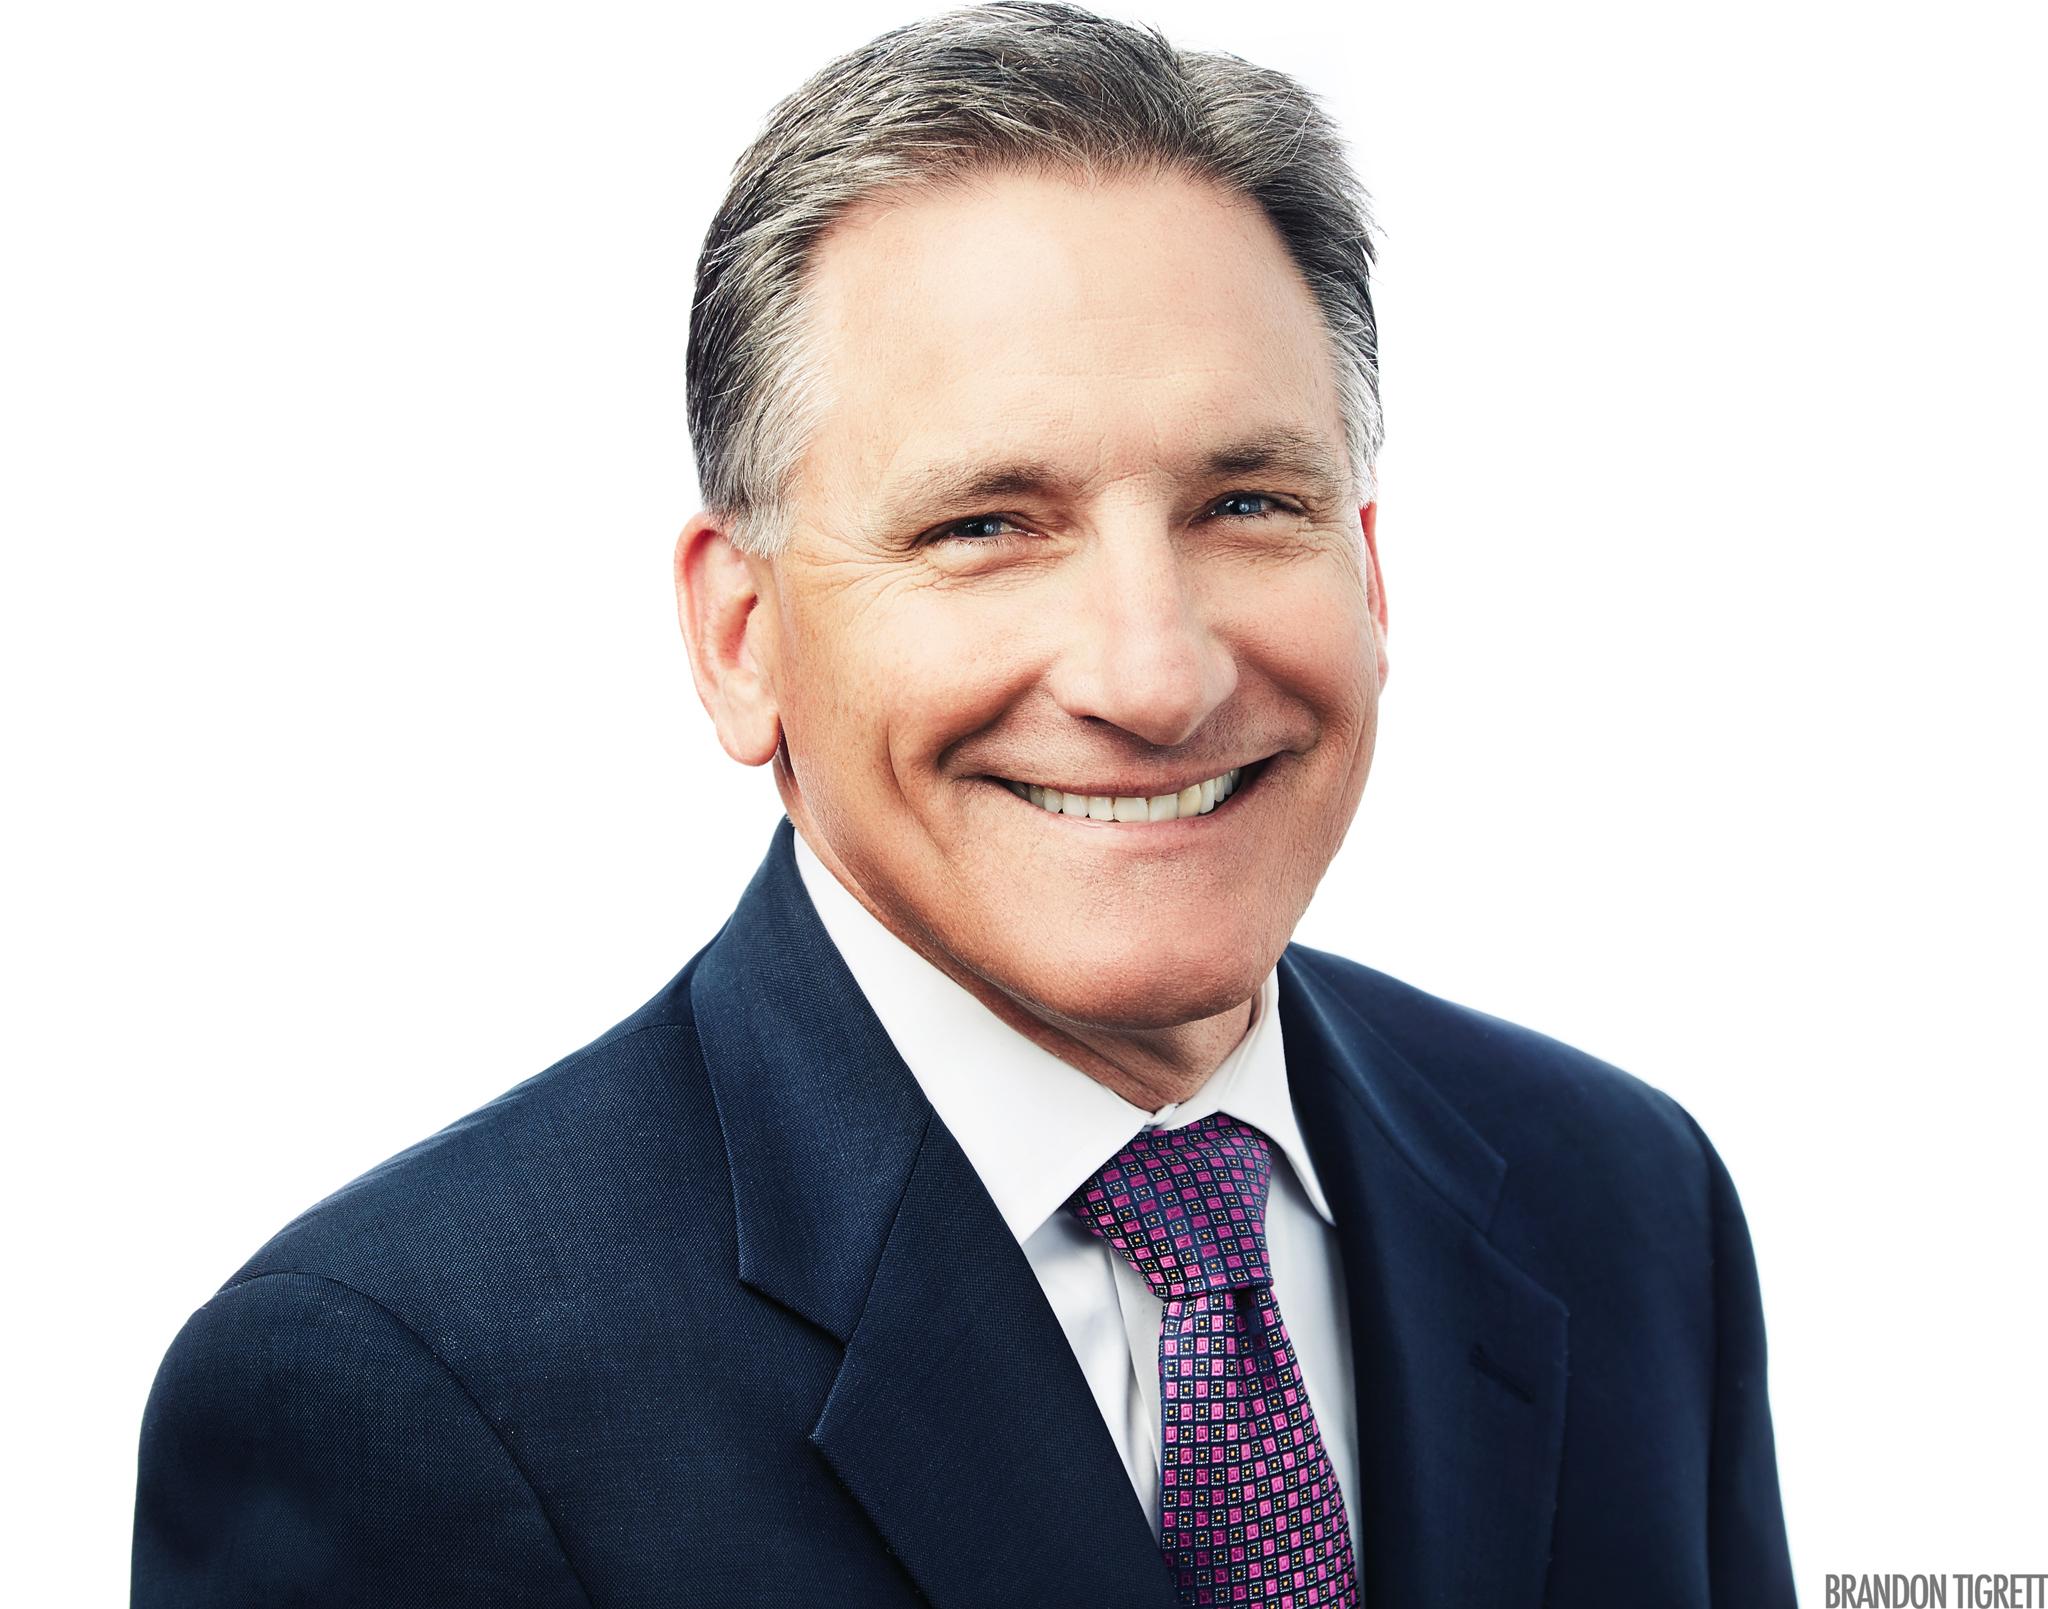 Neil Barna Corporate Headshot